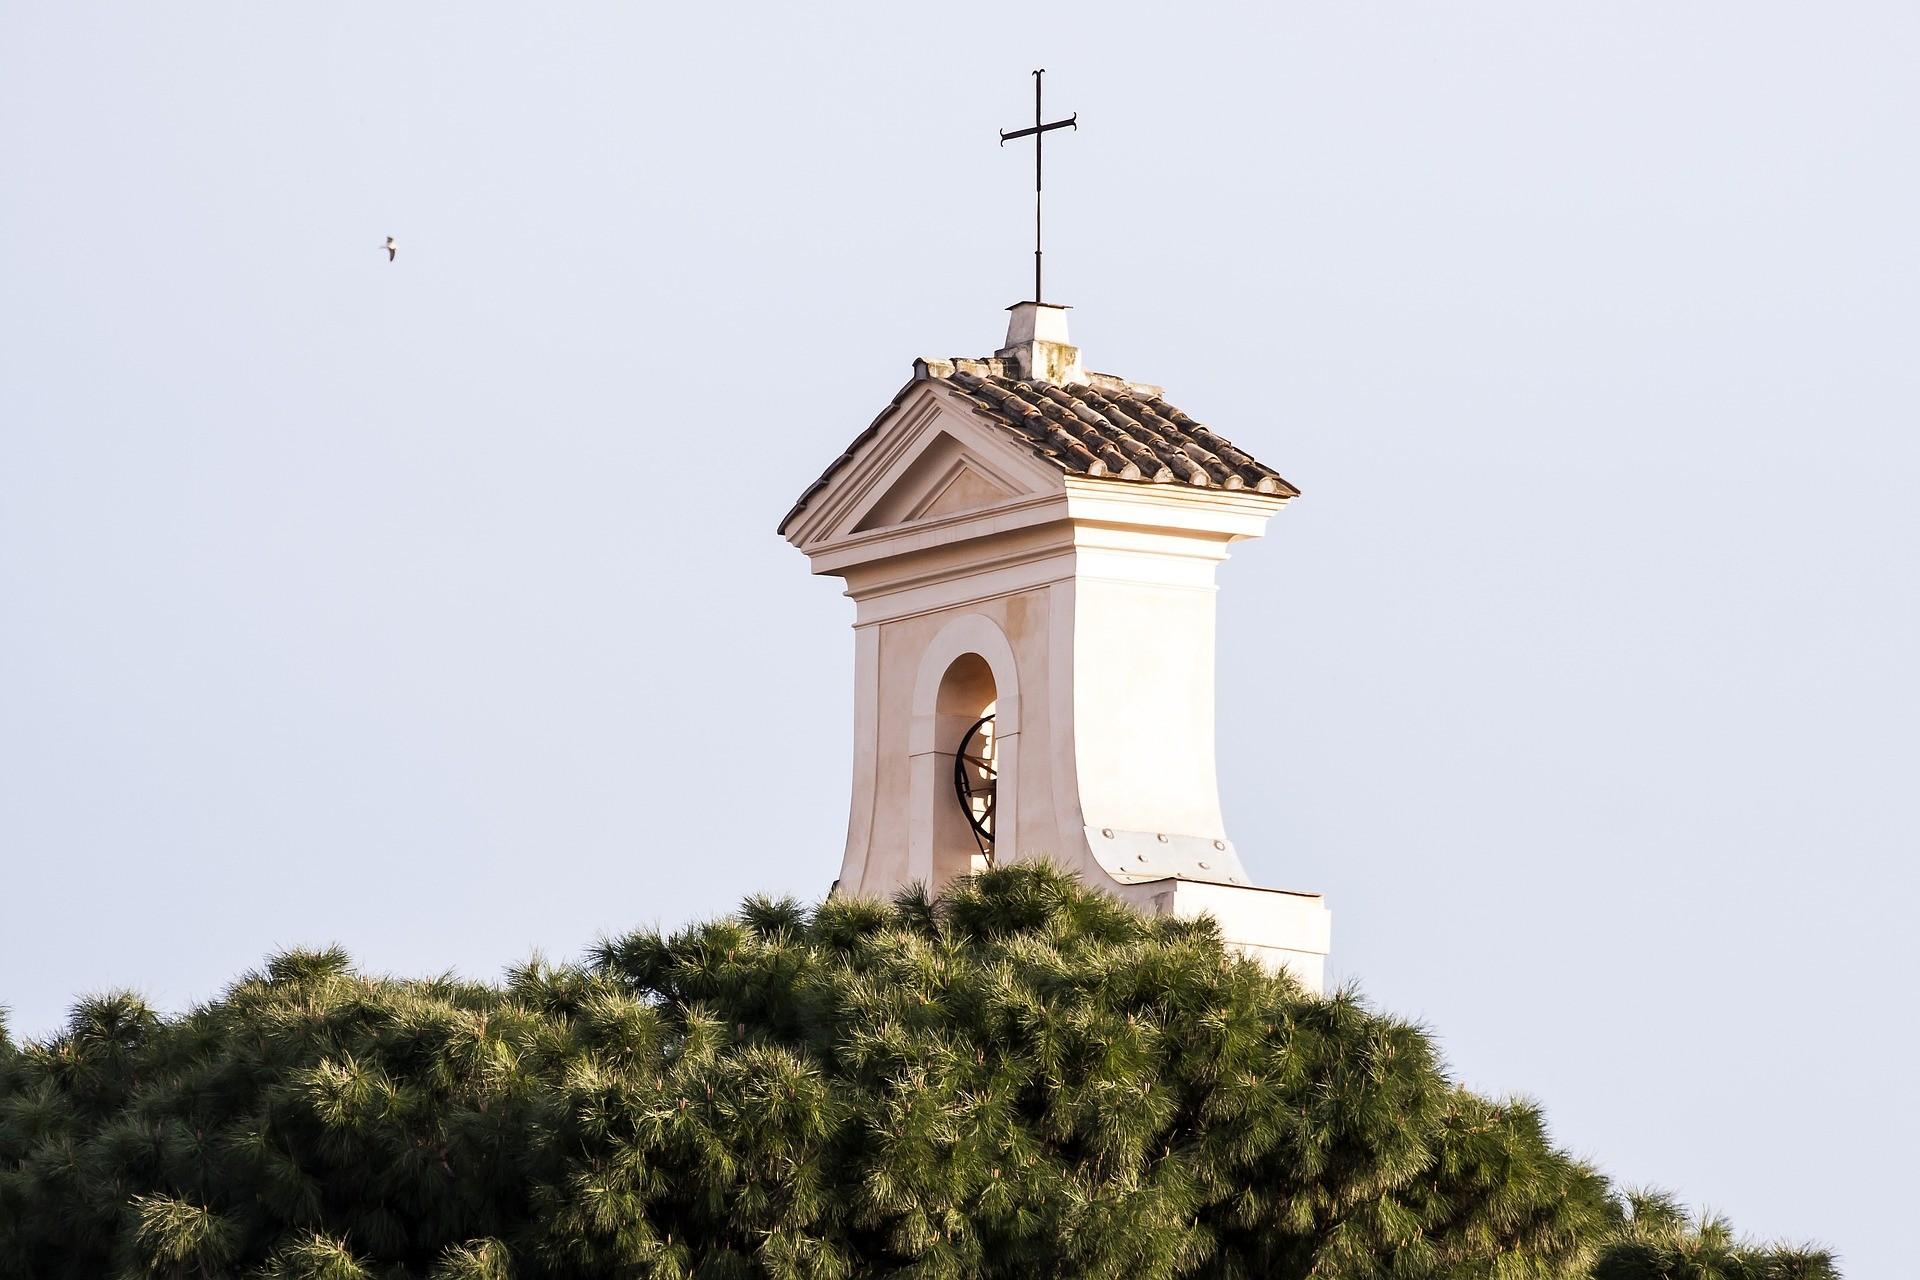 Dia de São Cosme e Damião: Veja mensagem para data